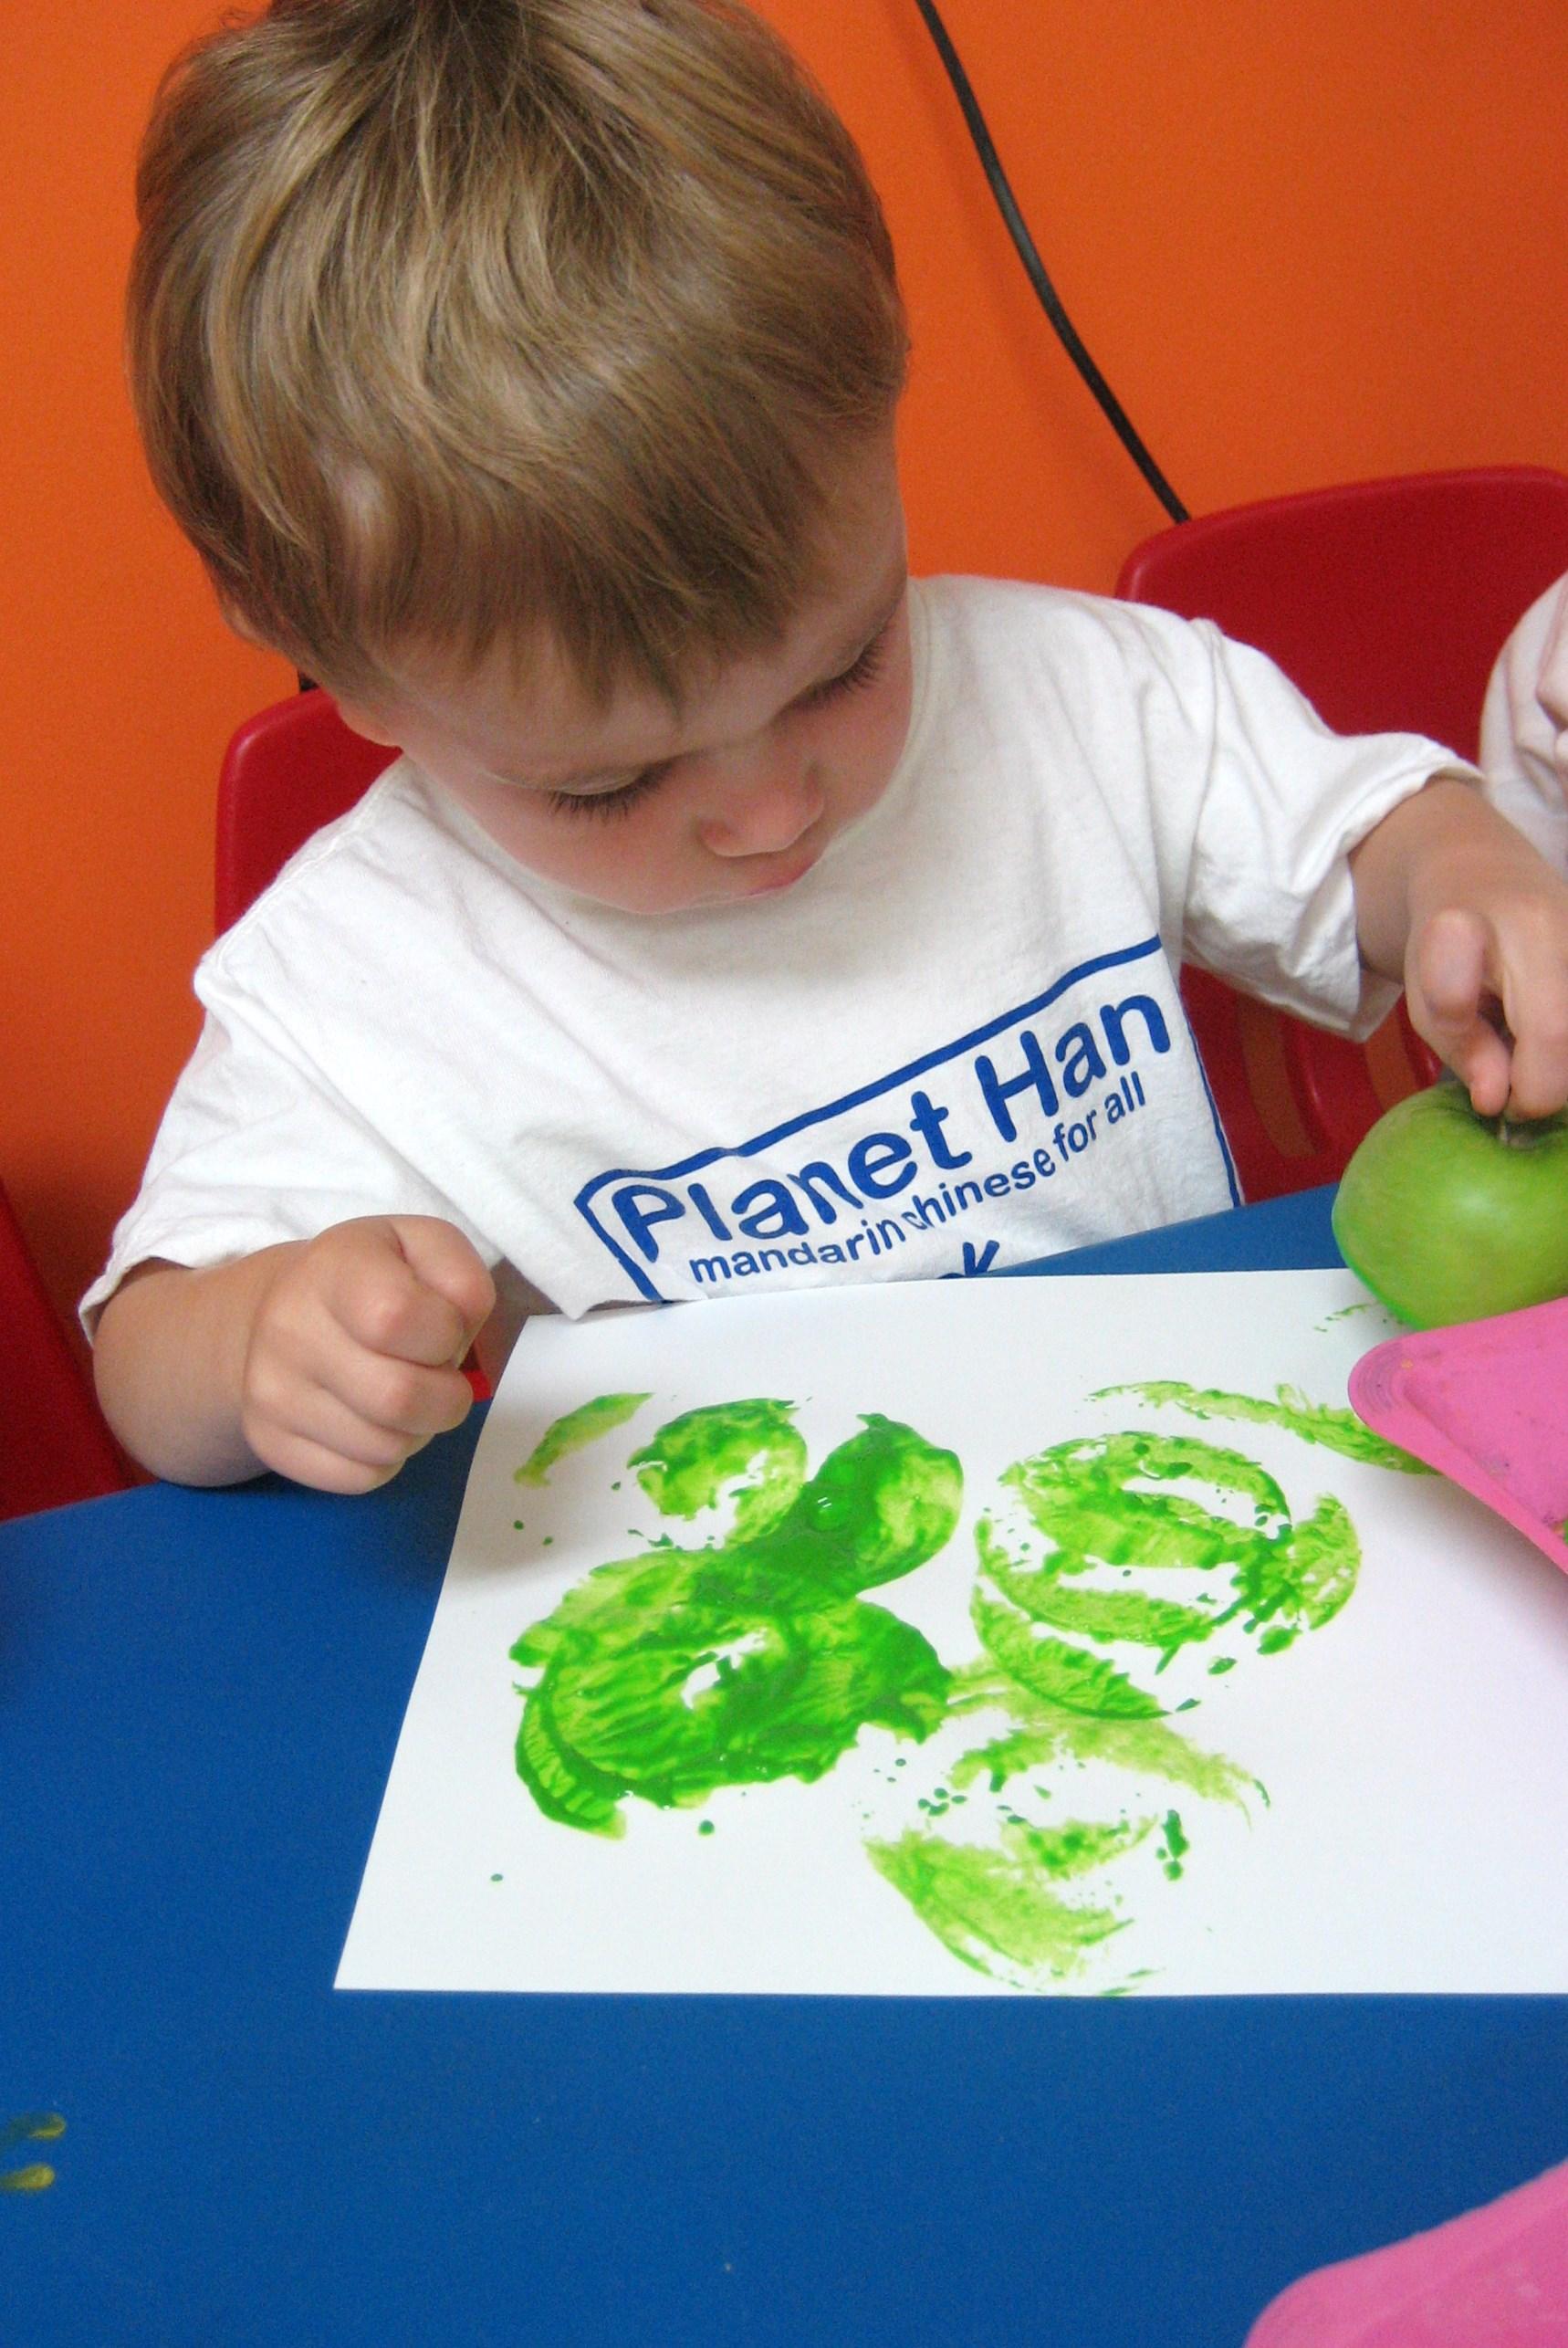 Preschool-Prep.jpg